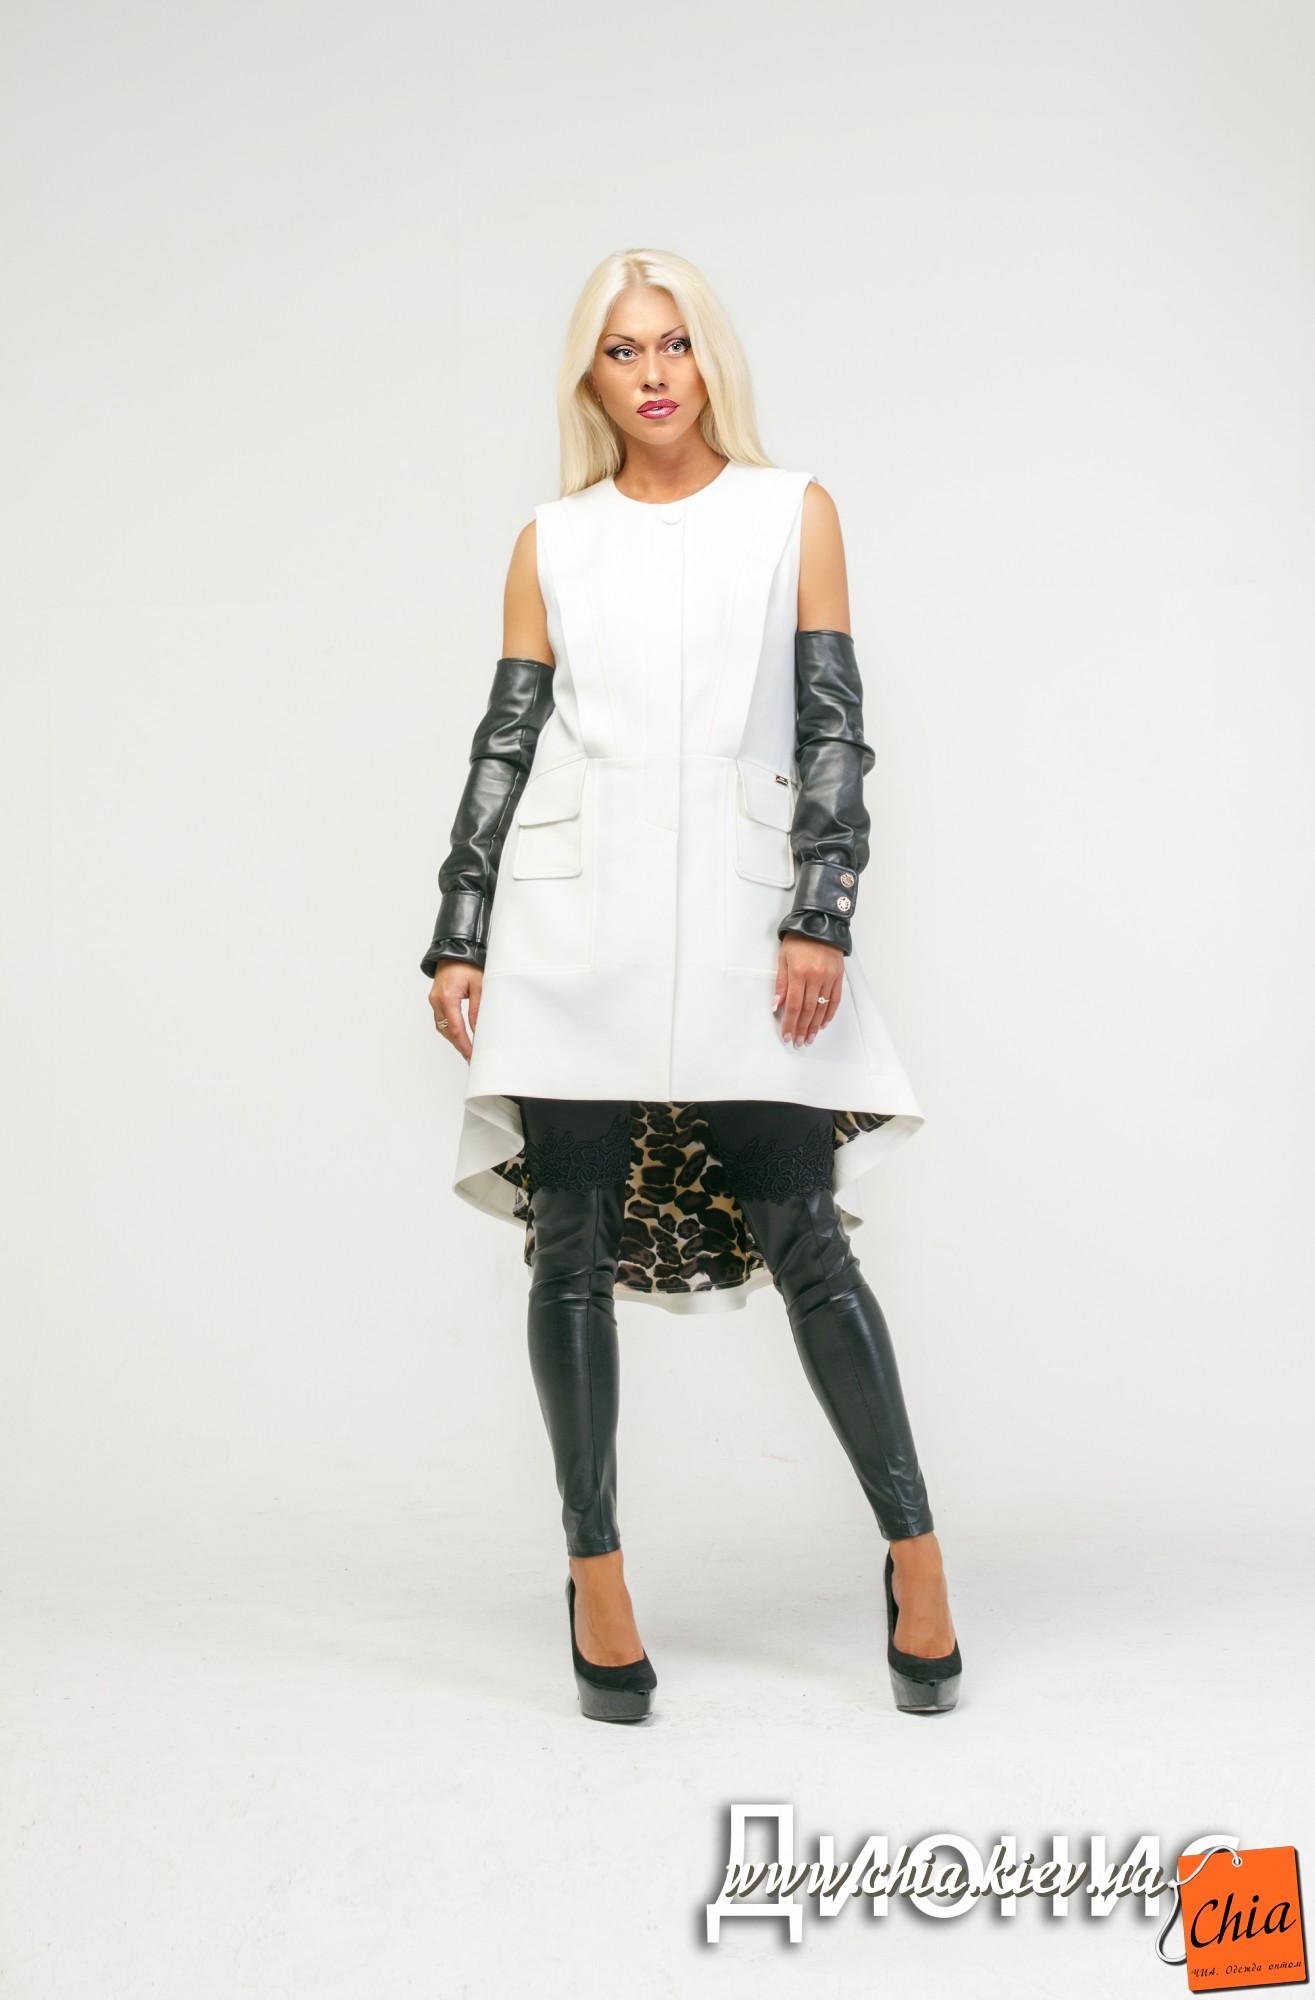 Диорис женская одежда